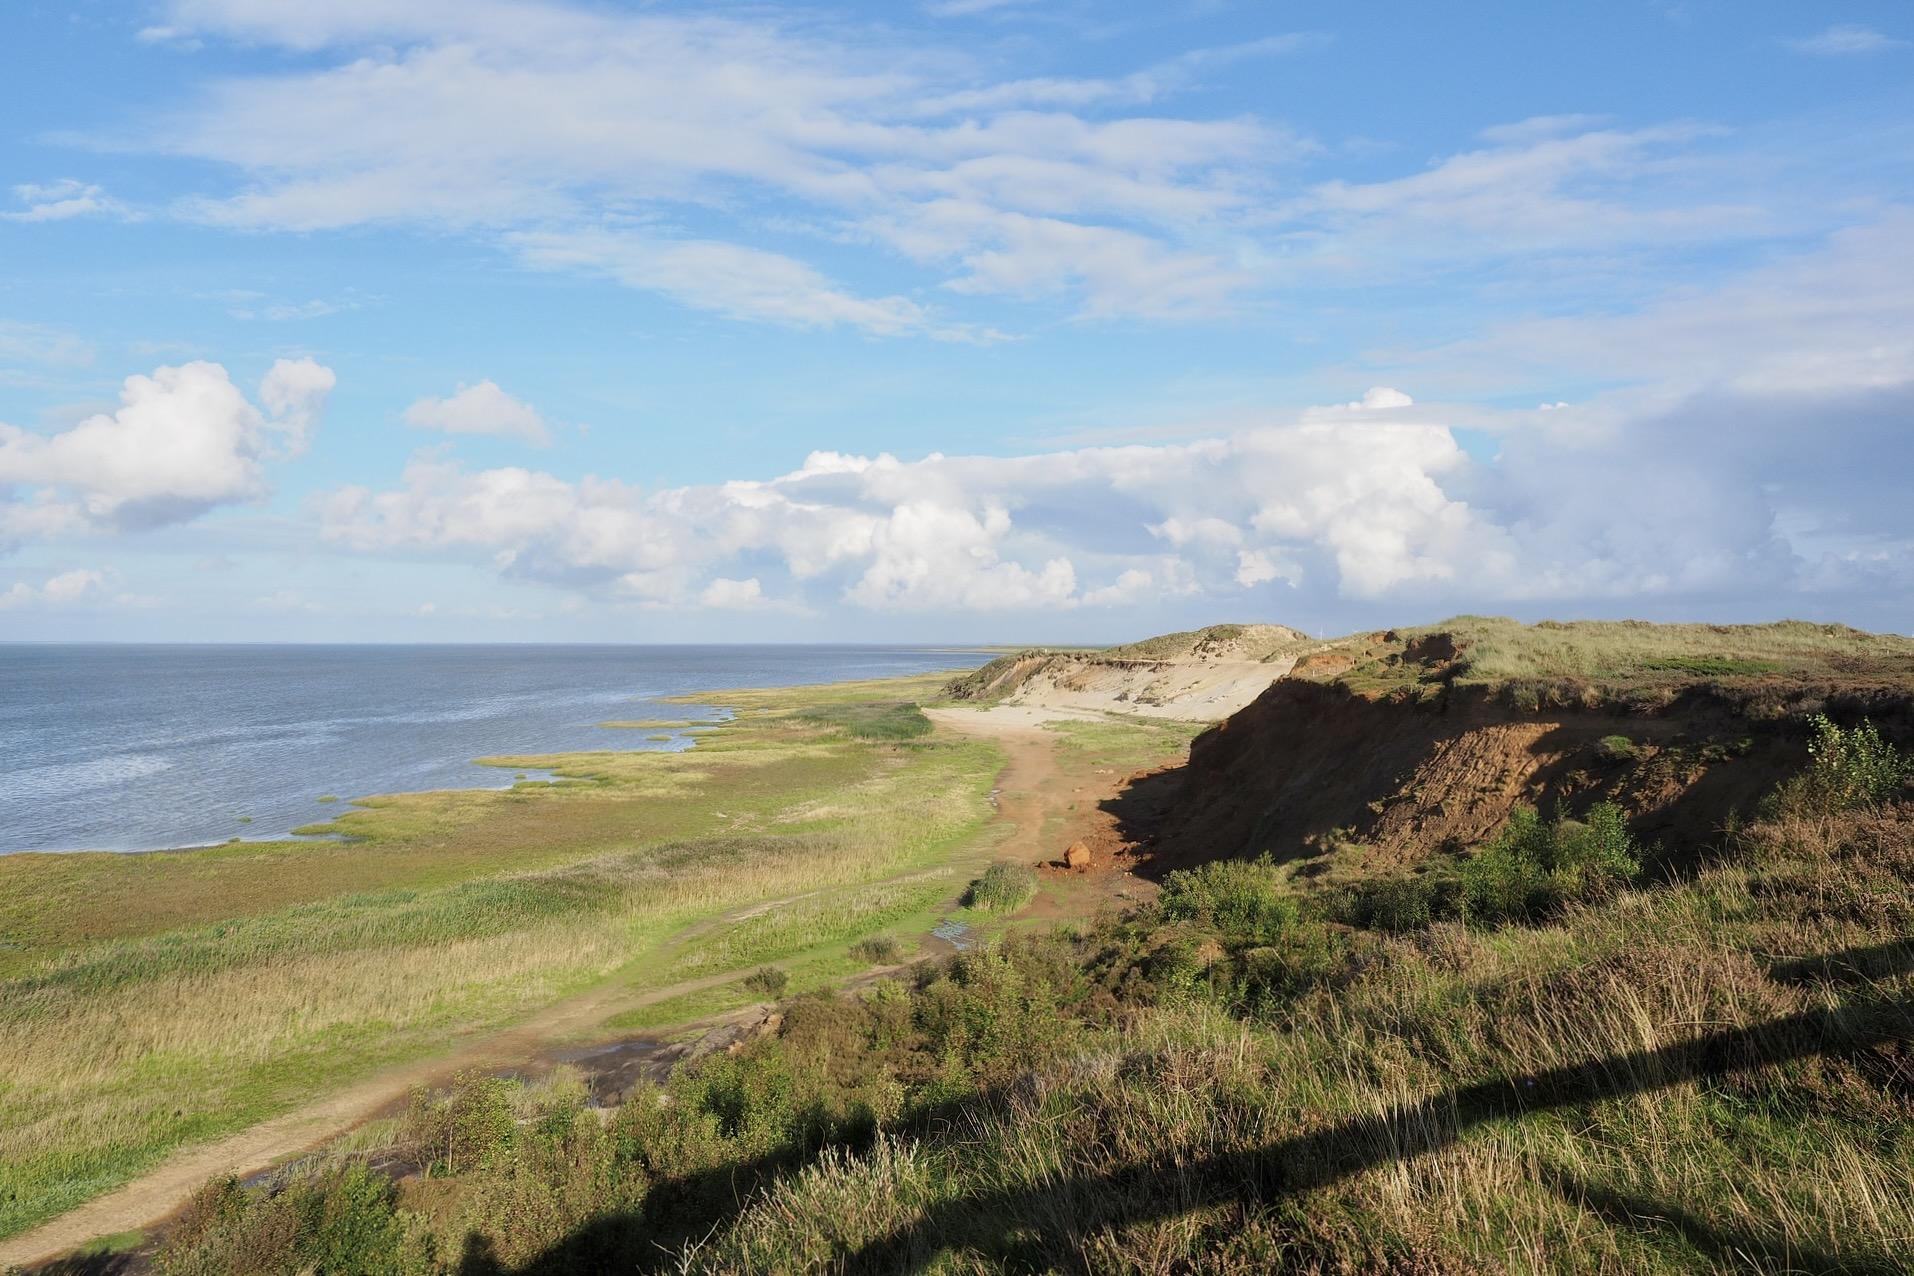 Das Morsum Kliff auf der Insel Sylt ist ein schöner Ausflug